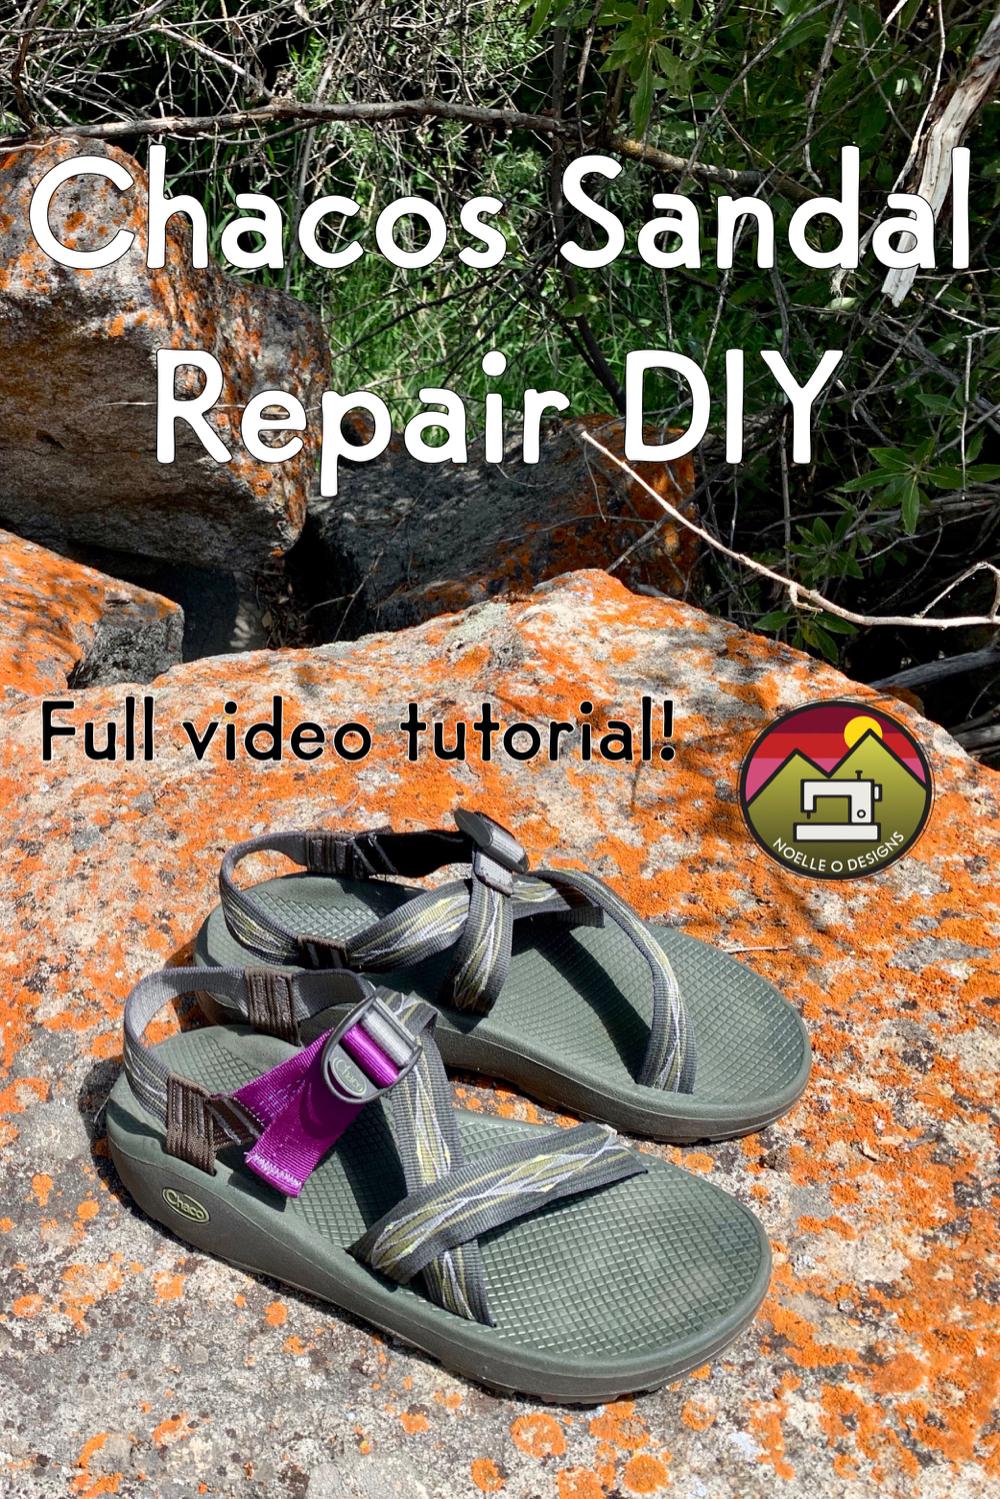 chacos sandal reapir DIY